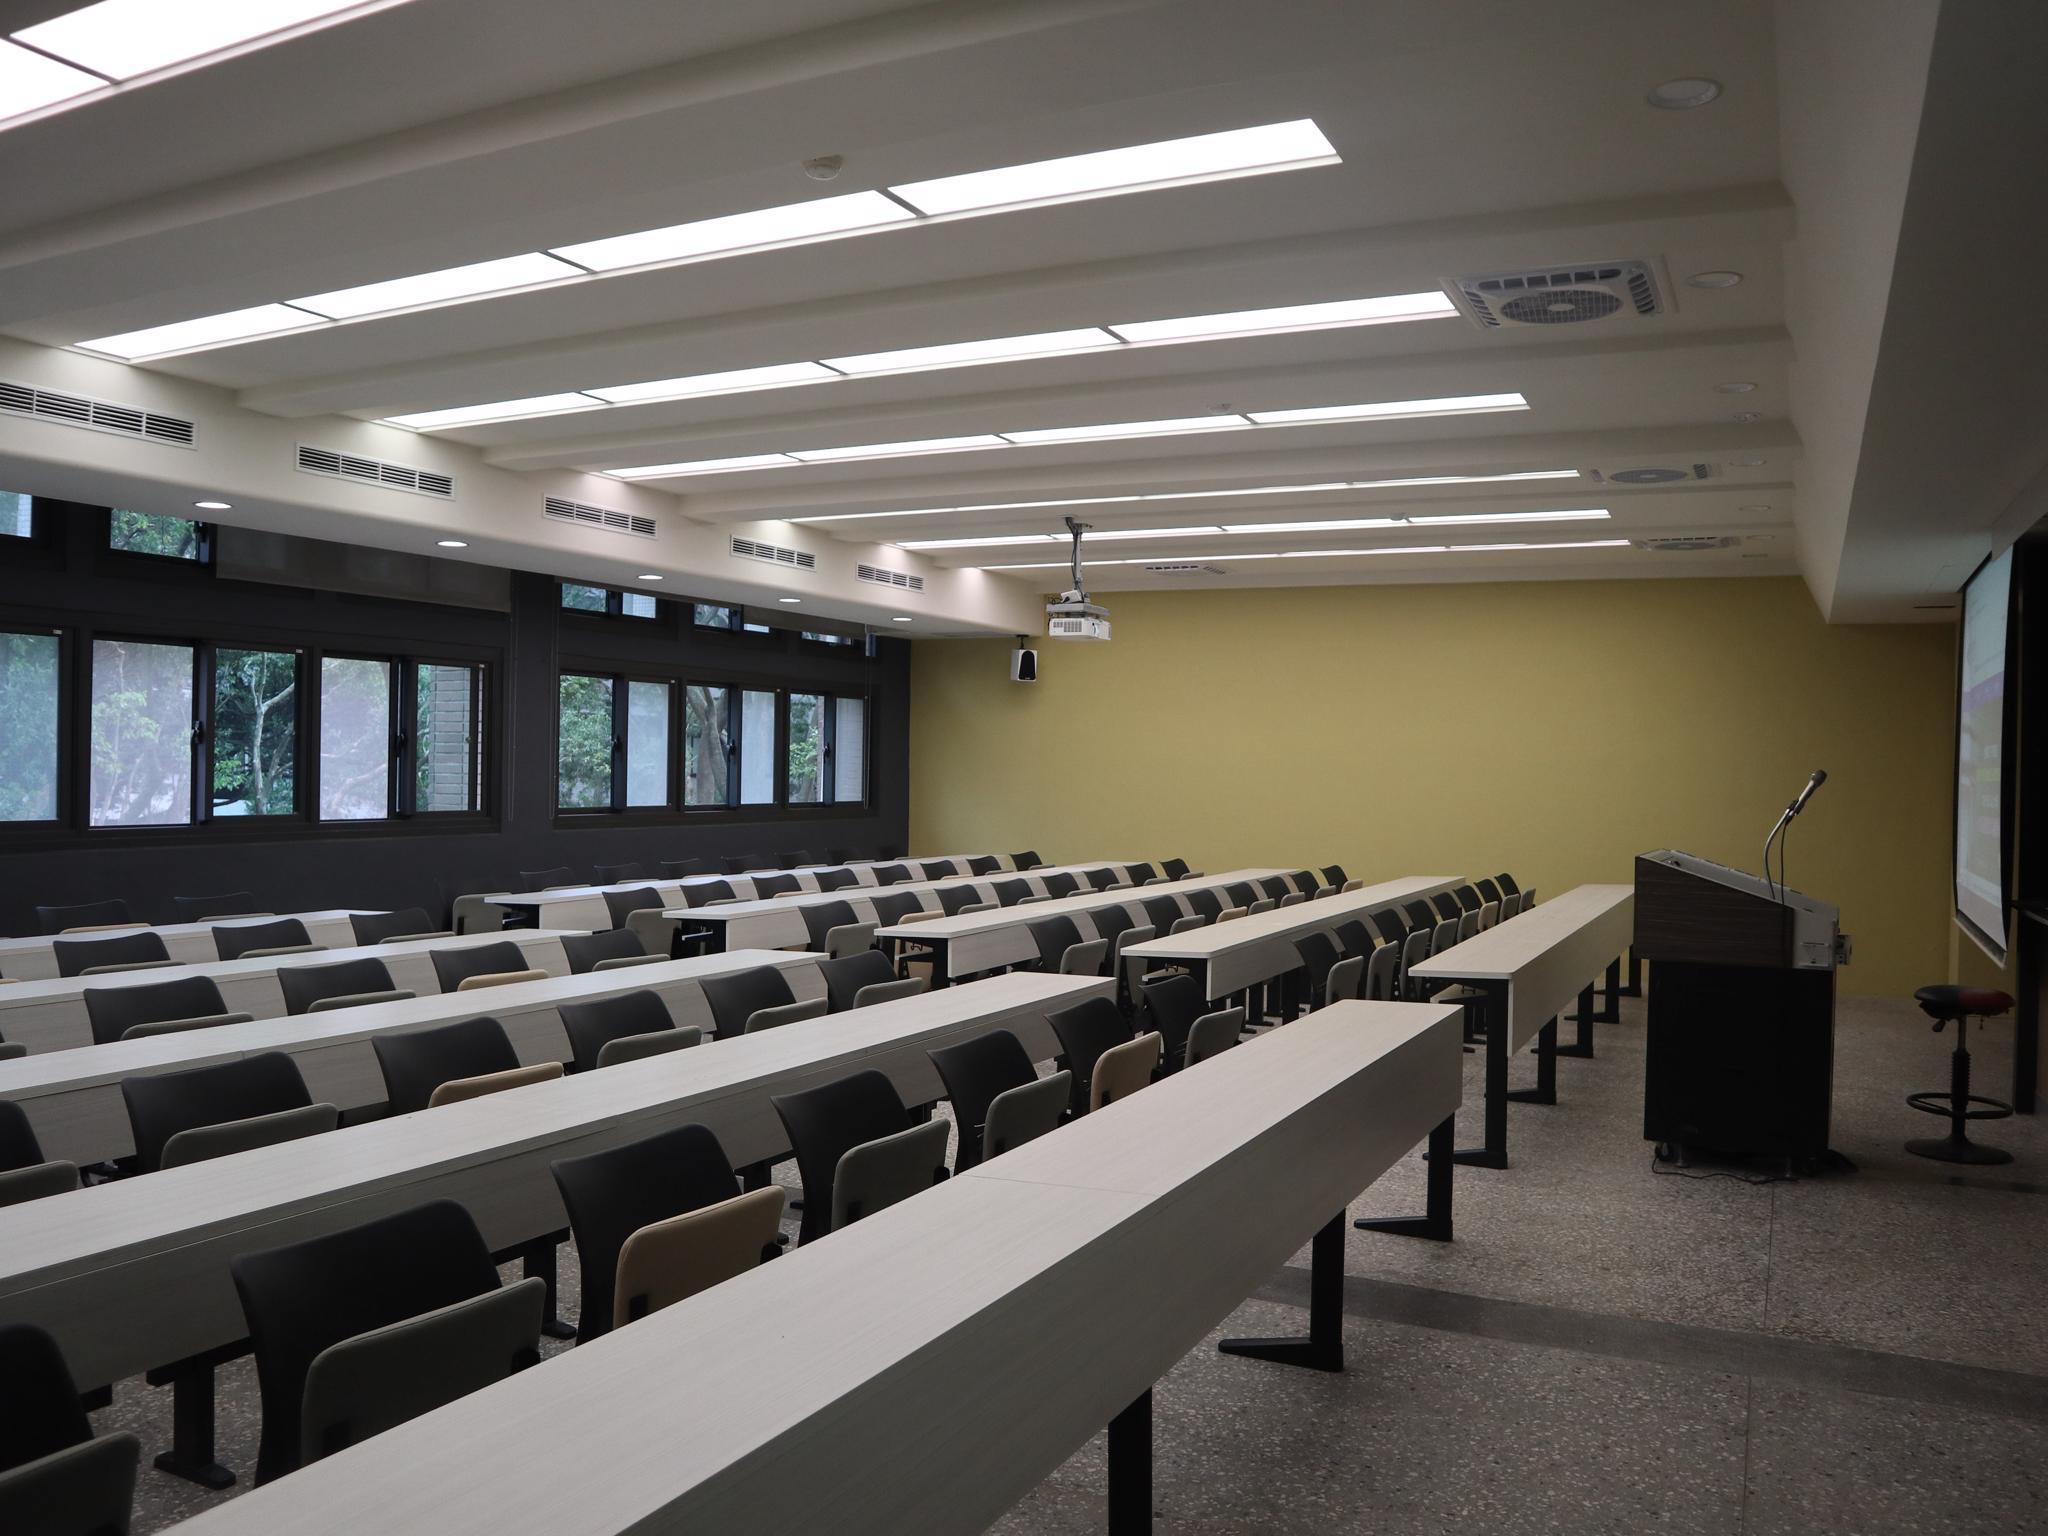 向儁苑理學212教室設計簡約空間明亮.jpg